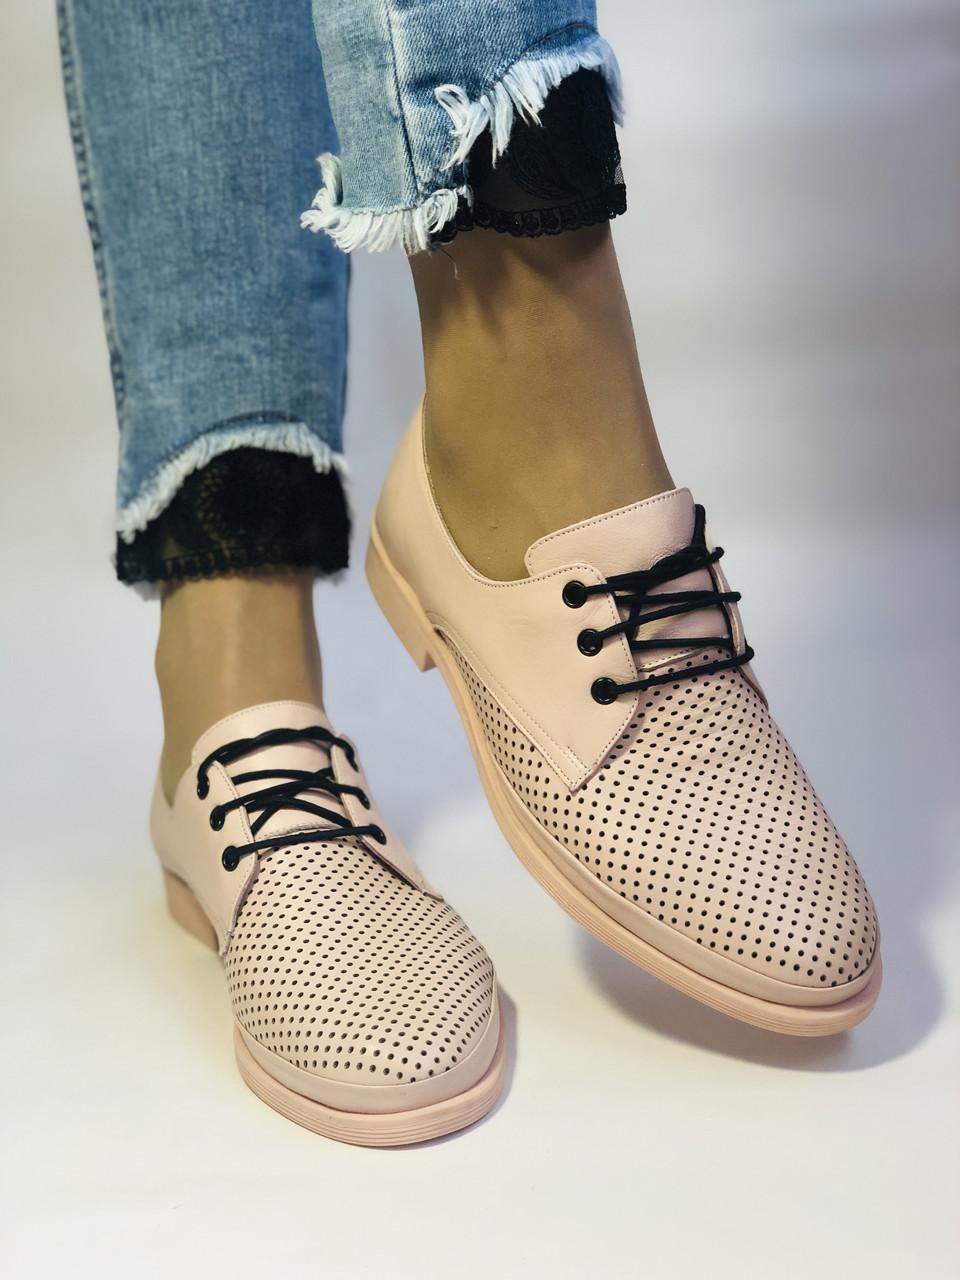 Стильні жіночі туфлі-мокасини з перфорацією.Оксфорди.Колір пудра.Туреччина. 37 38 39 40 Vellena